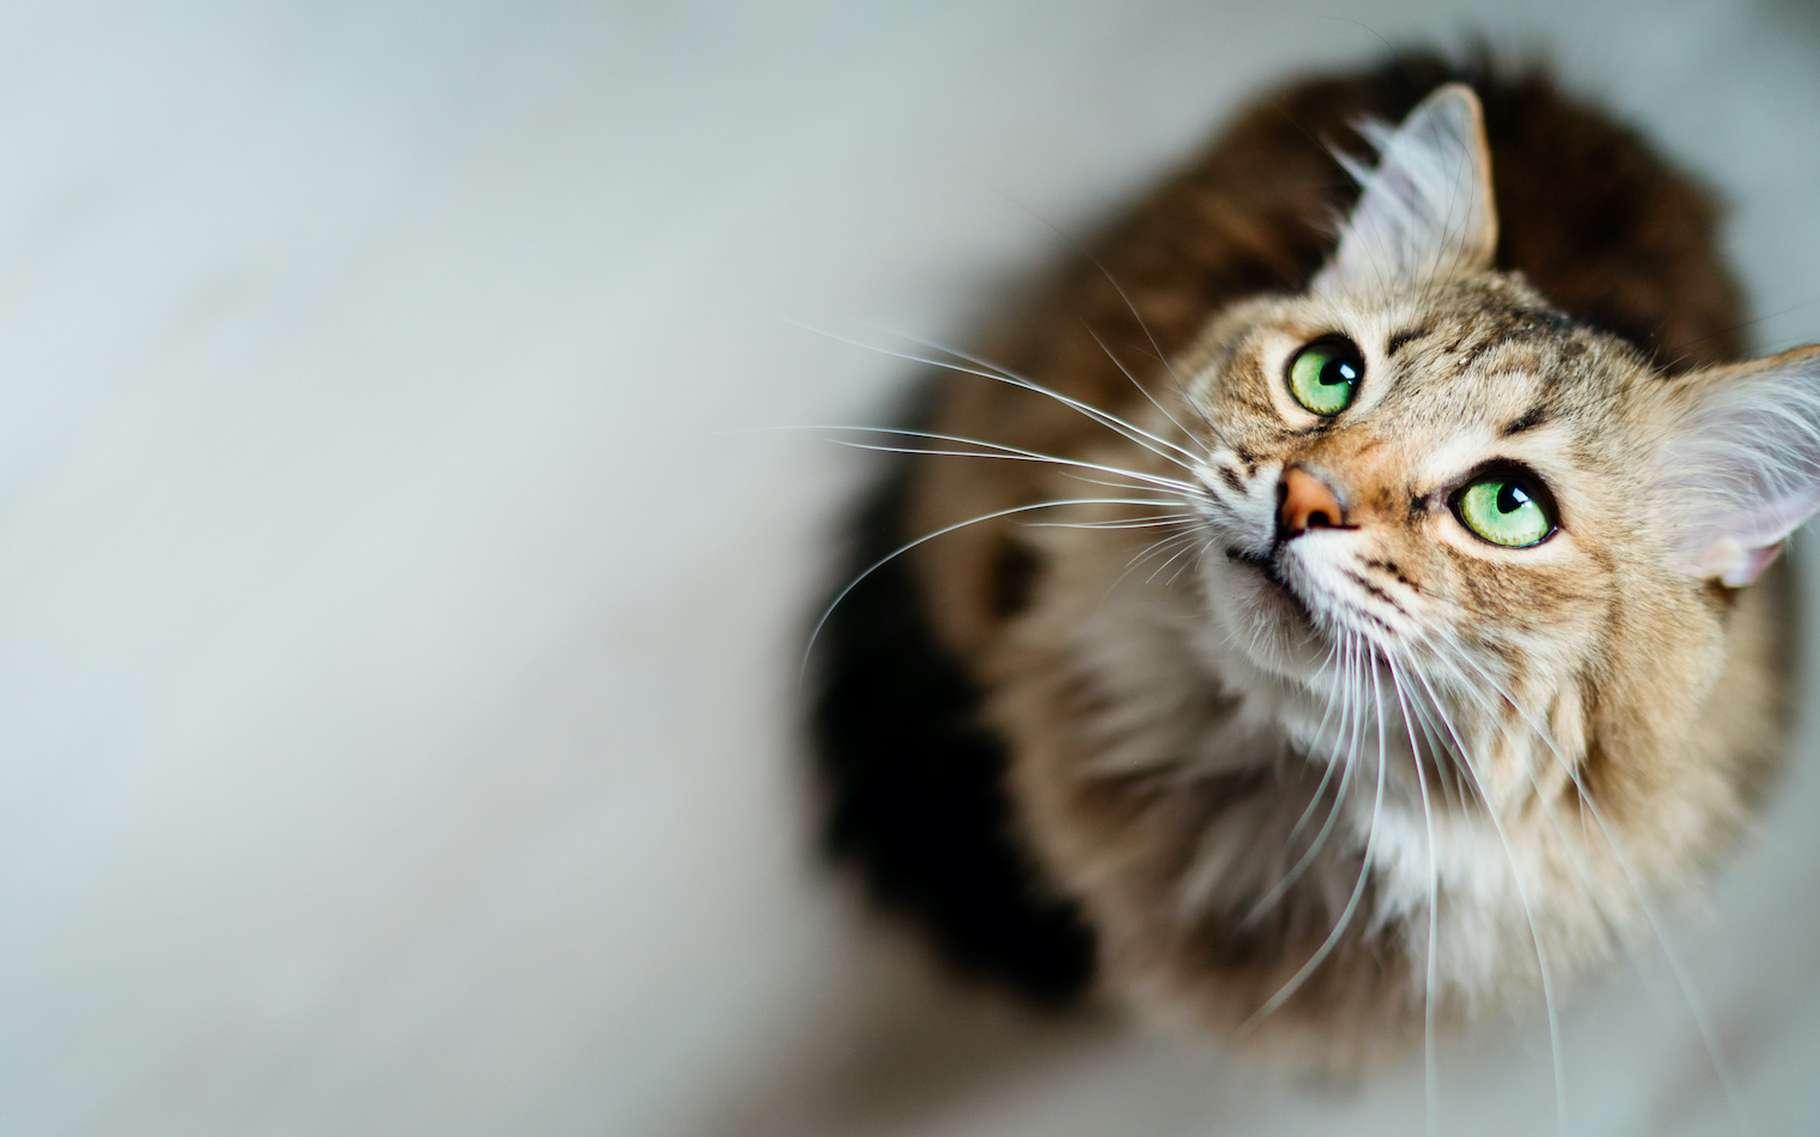 Tous les chats ne sont pas distants avec les humains qui partagent leur vie. C'est la conclusion d'une enquête menée par des chercheurs de l'université de Lincoln (Royaume-Uni). © Uzhursky, Adobe Stock